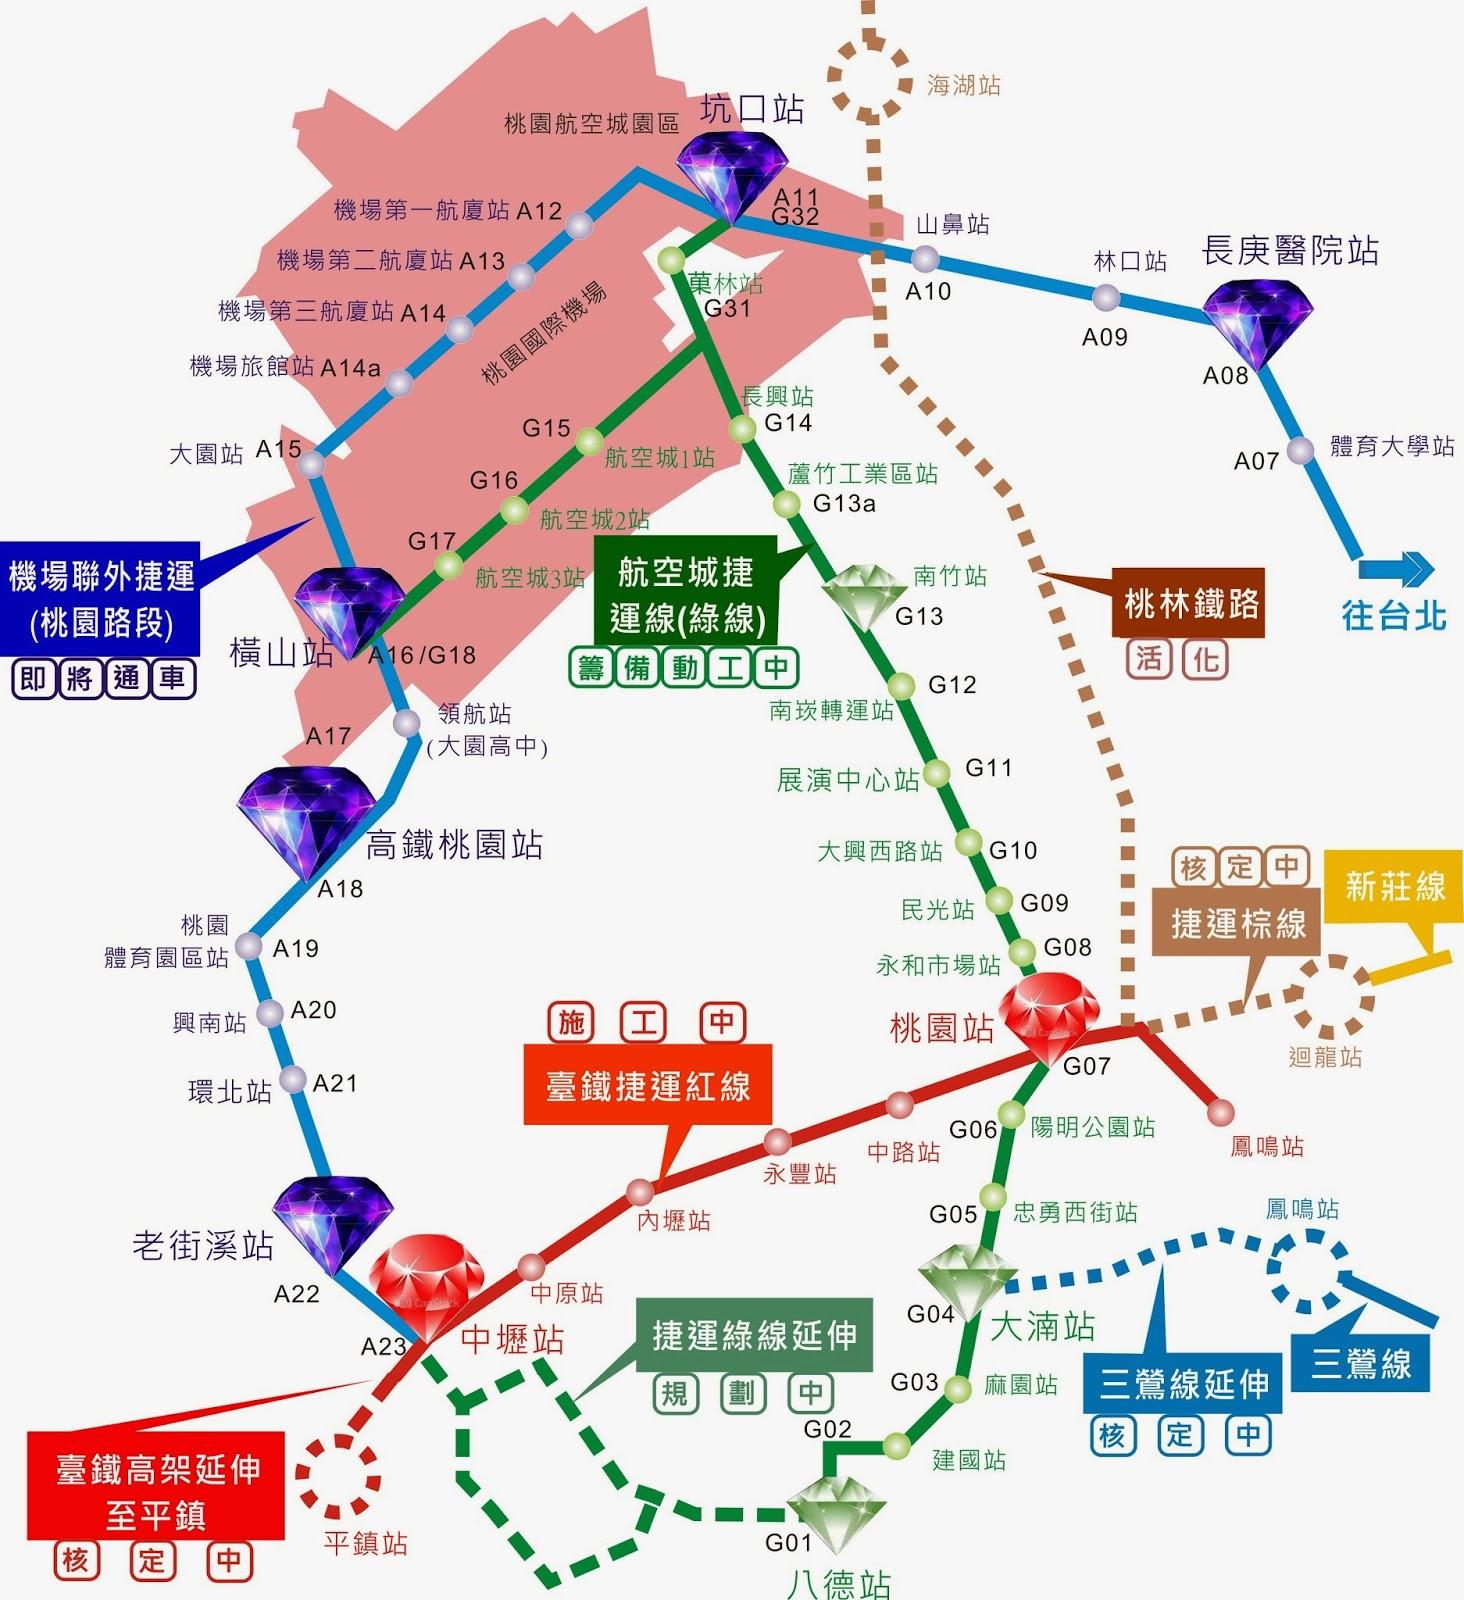 桃園.青埔.航空城買屋地圖及成交行情: 捷運綠線(航空城捷運線)小檔案